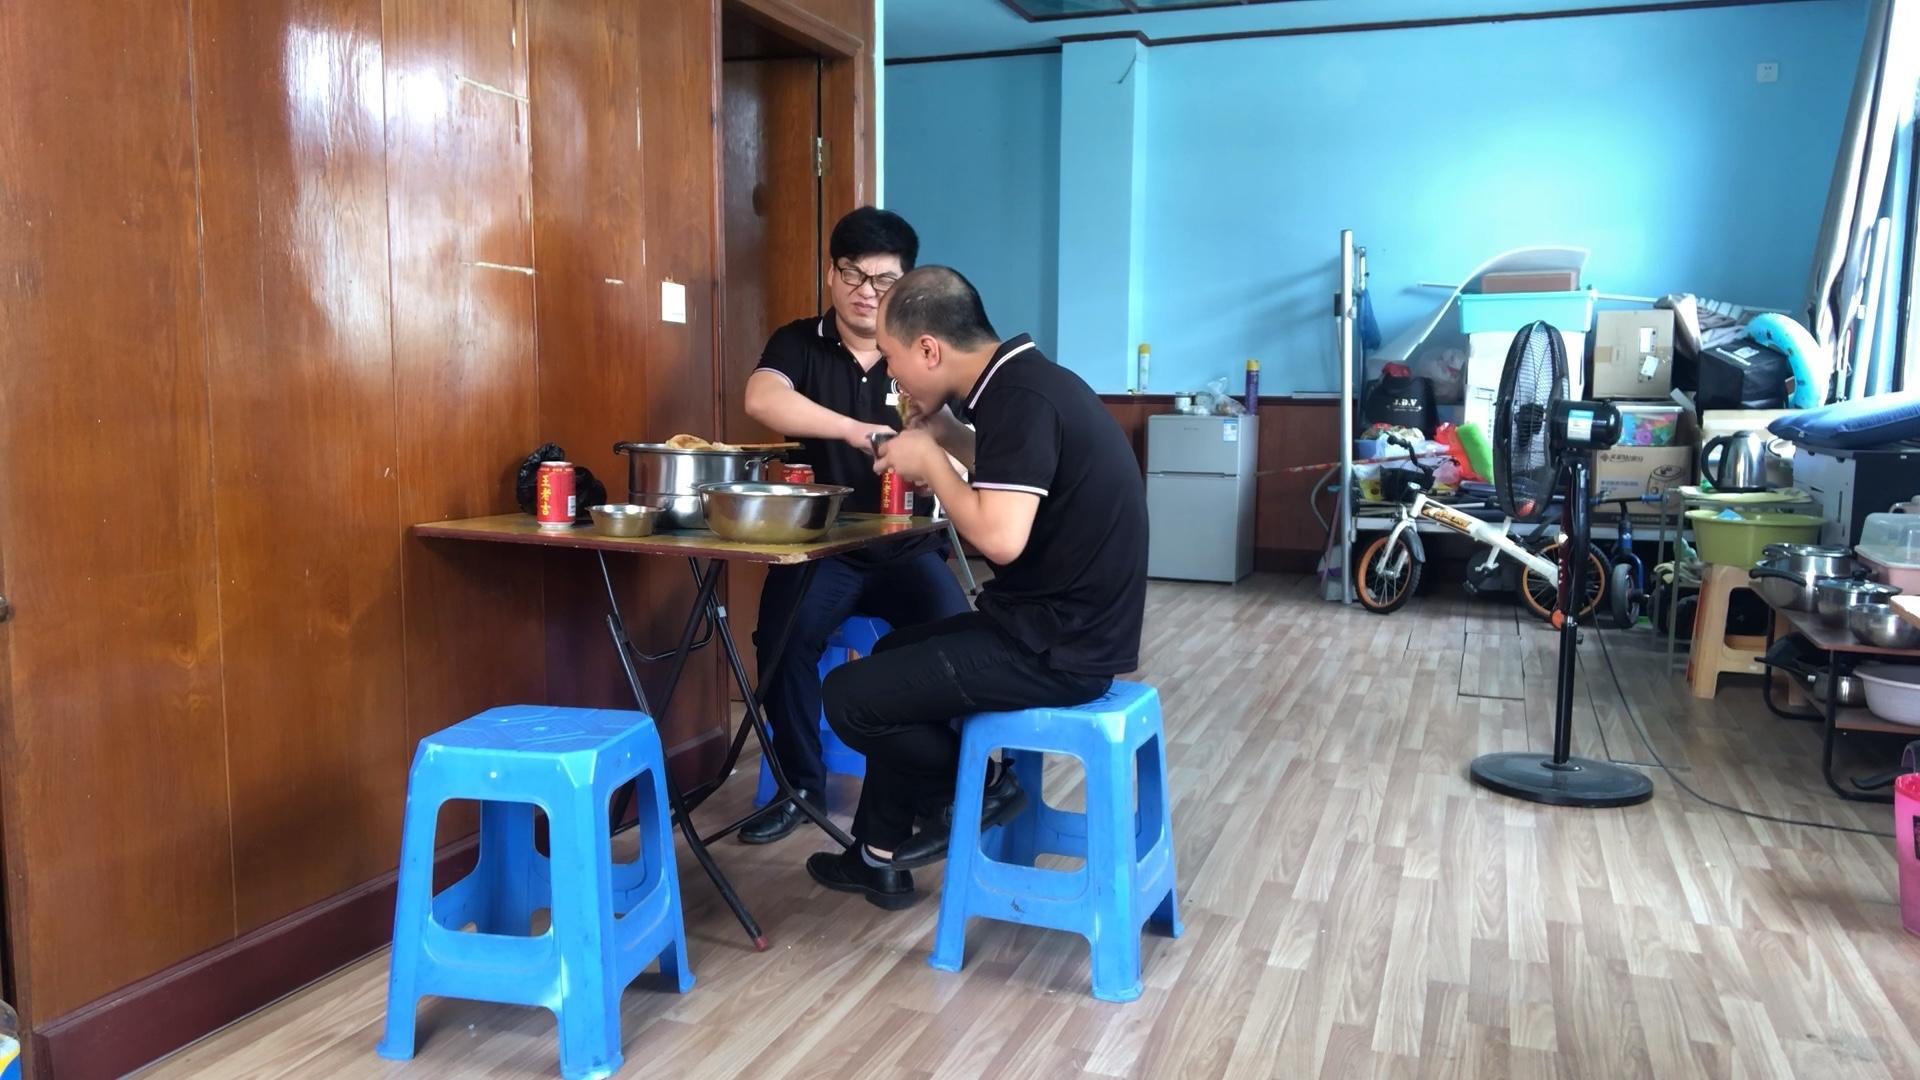 小伙受同事邀请第一次吃正宗锅烙,吃完还要求吃正宗丰收菜